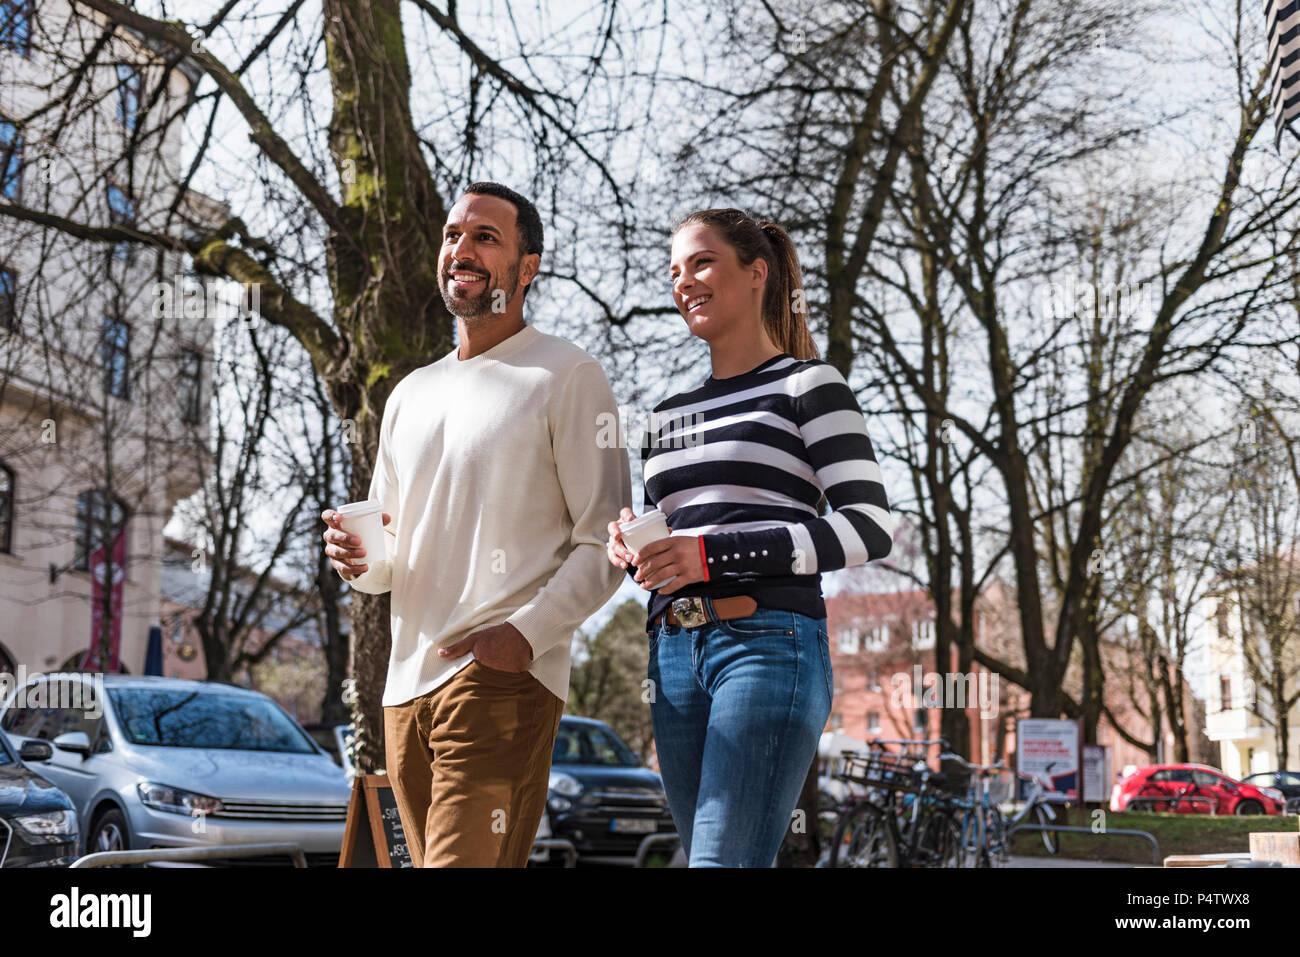 Mann und Frau mit Takeaway cups zu Fuß in der Stadt Stockbild